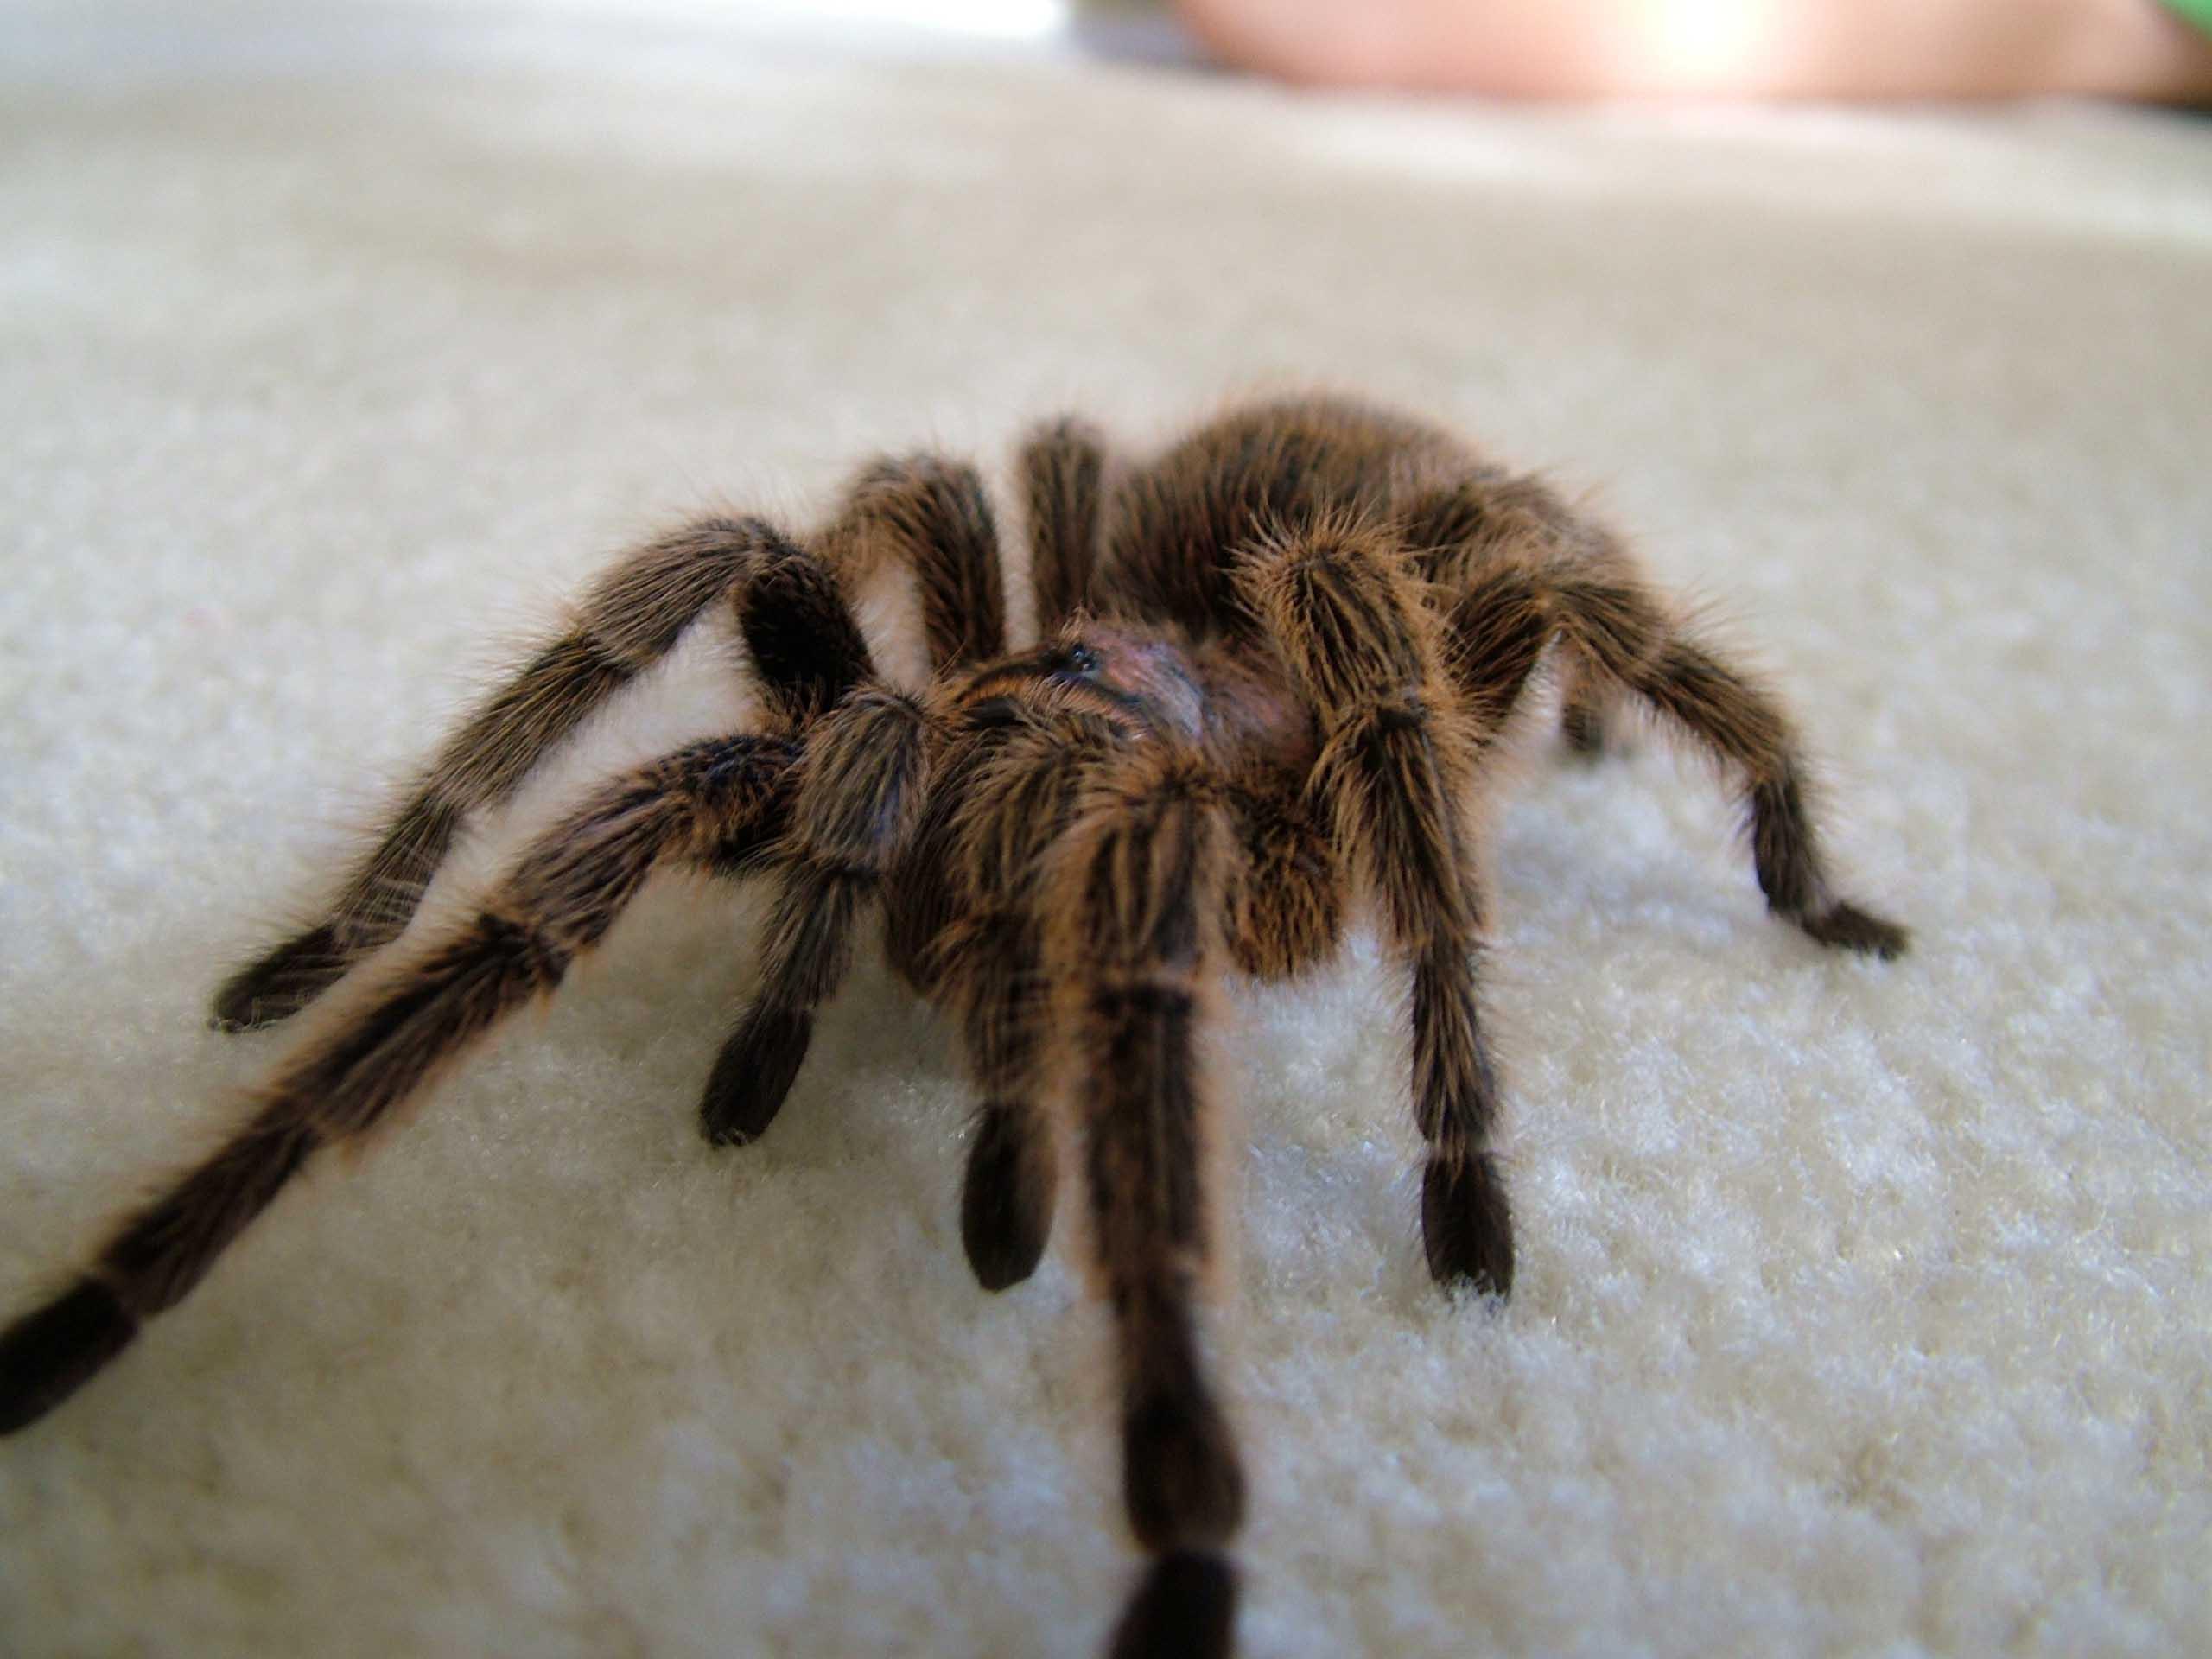 Moving Spider Wallpaper - WallpaperSafari